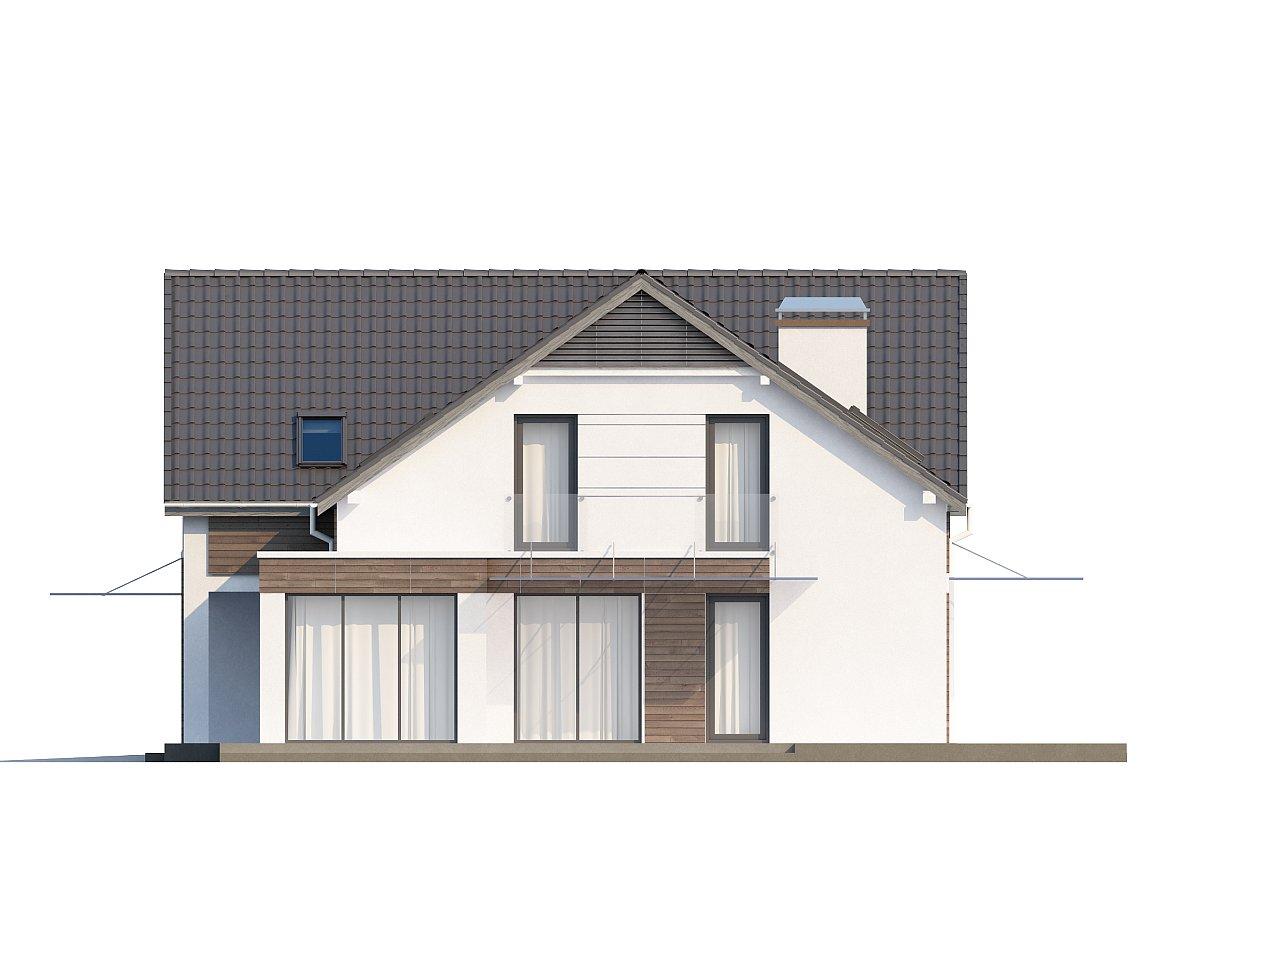 Просторный и комфортный дом с гаражом для двух автомобилей и угловым эркером. 6